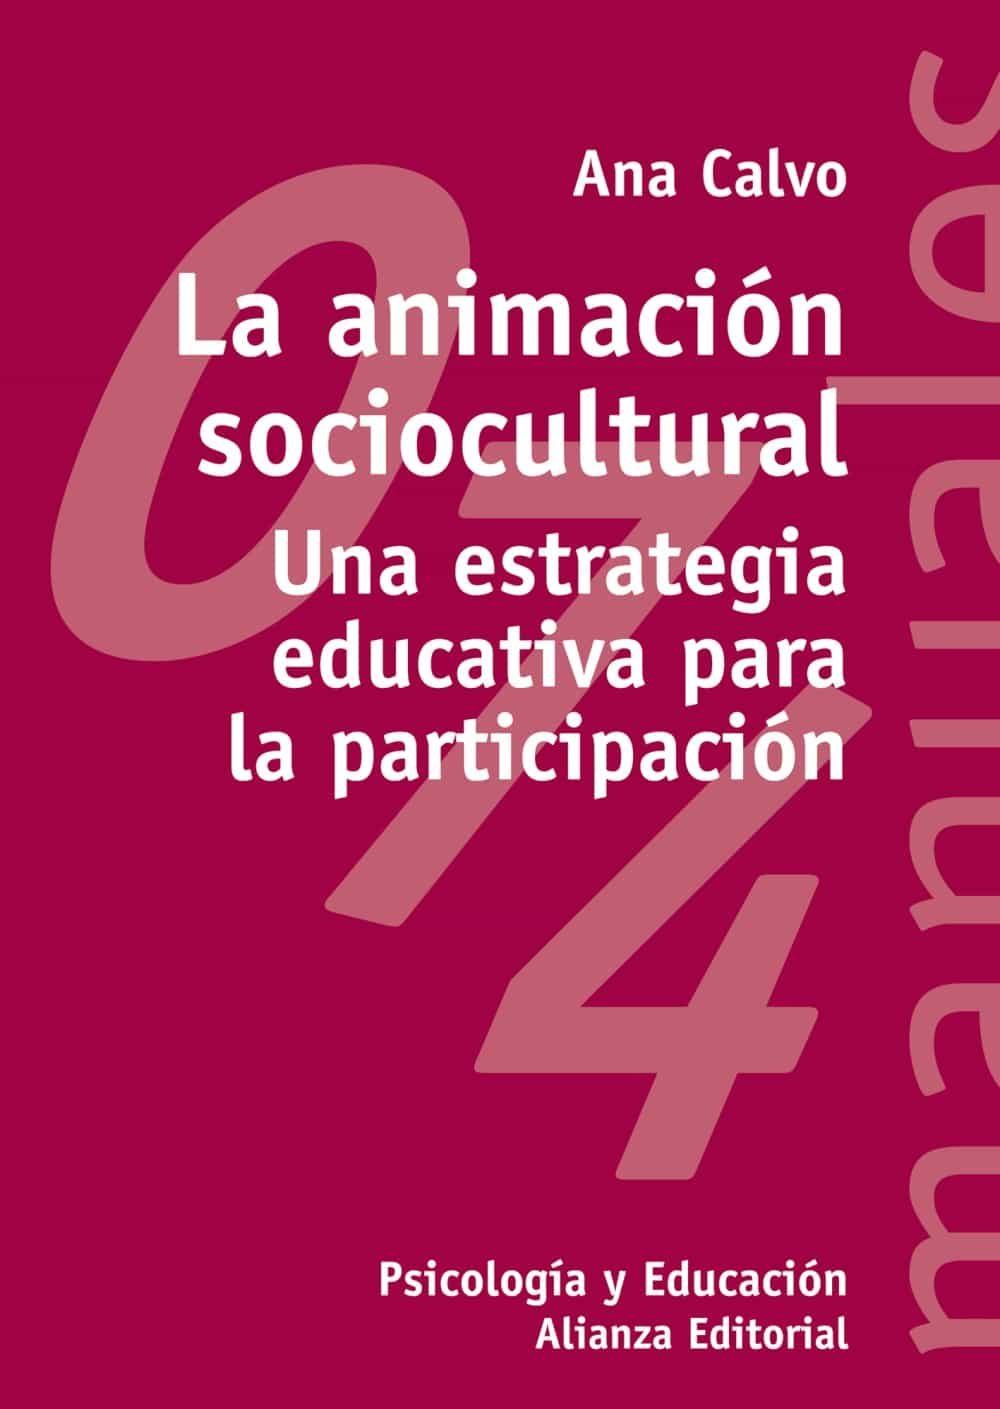 la animacion sociocultural: una estrategia educativa para la part icipacion-ana maria calvo-9788420686943